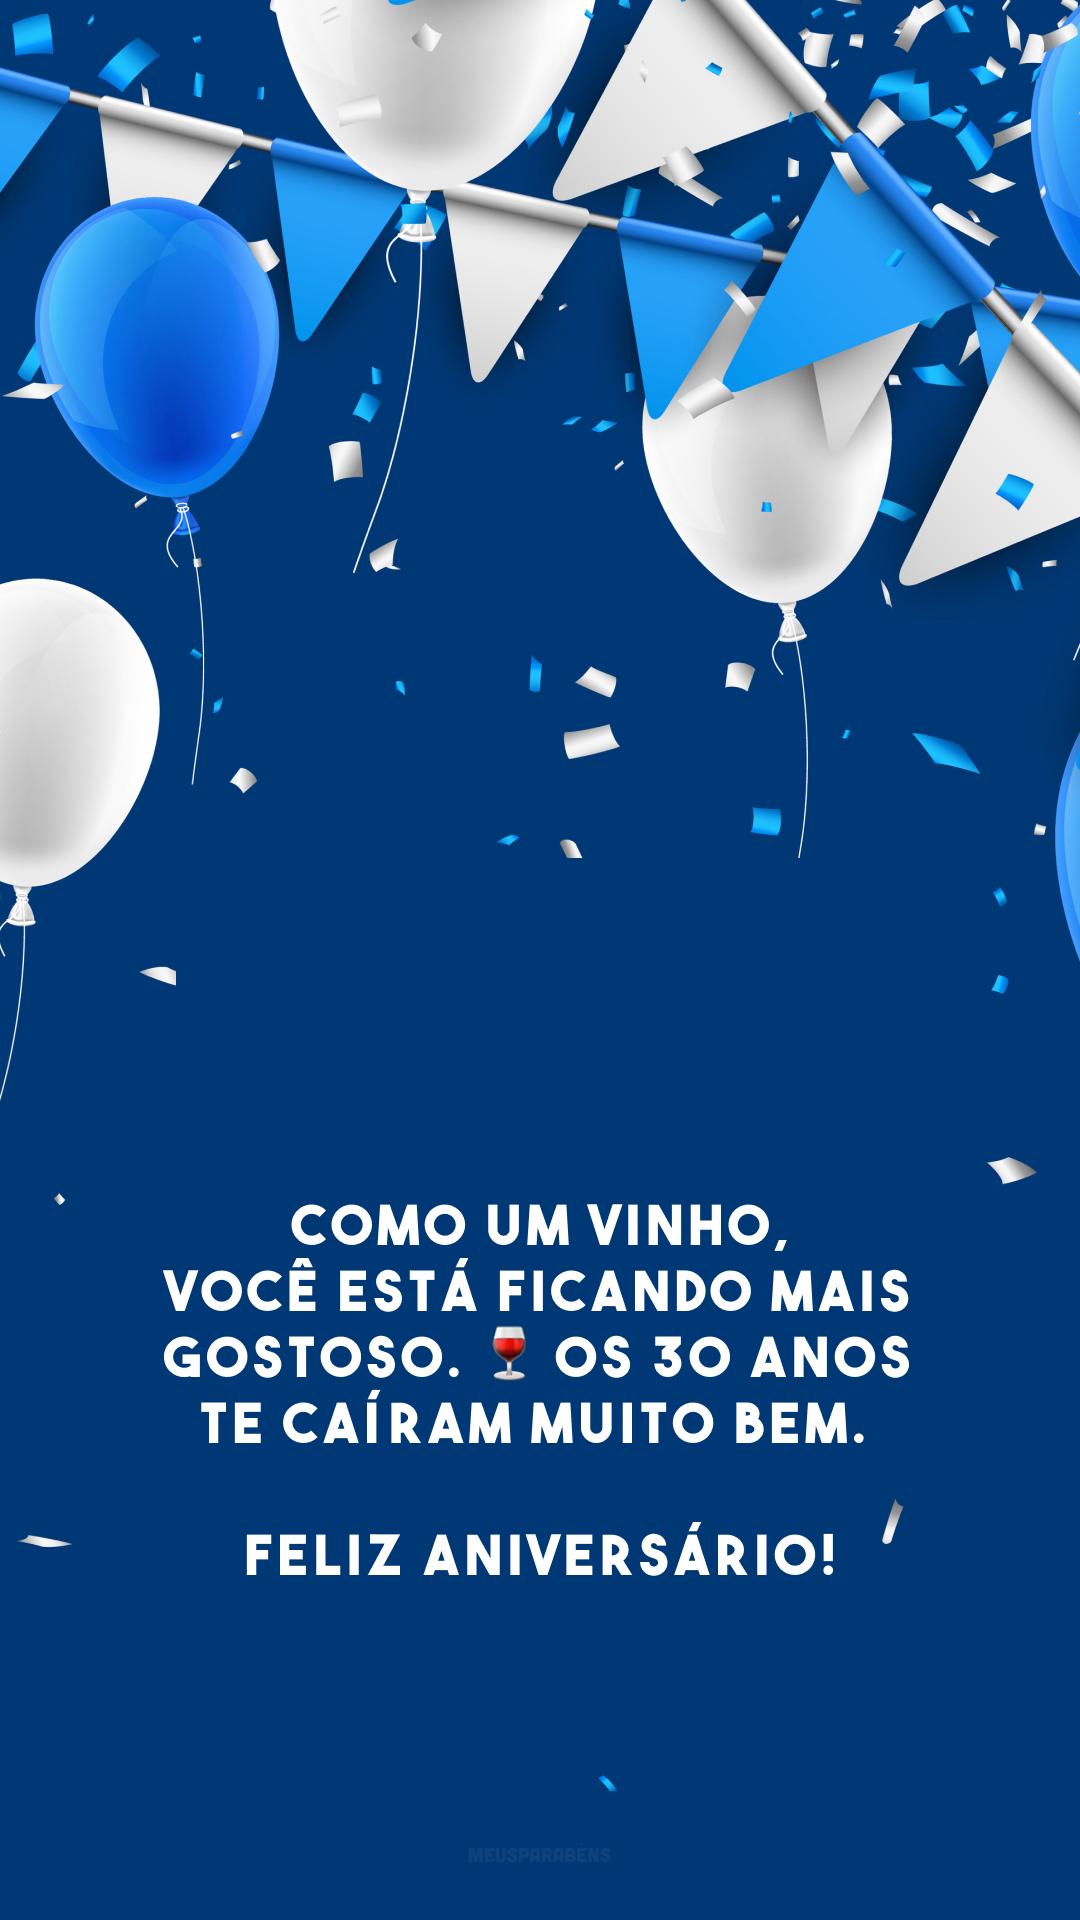 Como um vinho, você está ficando mais gostoso. 🍷 Os 30 anos te caíram muito bem. Feliz aniversário!